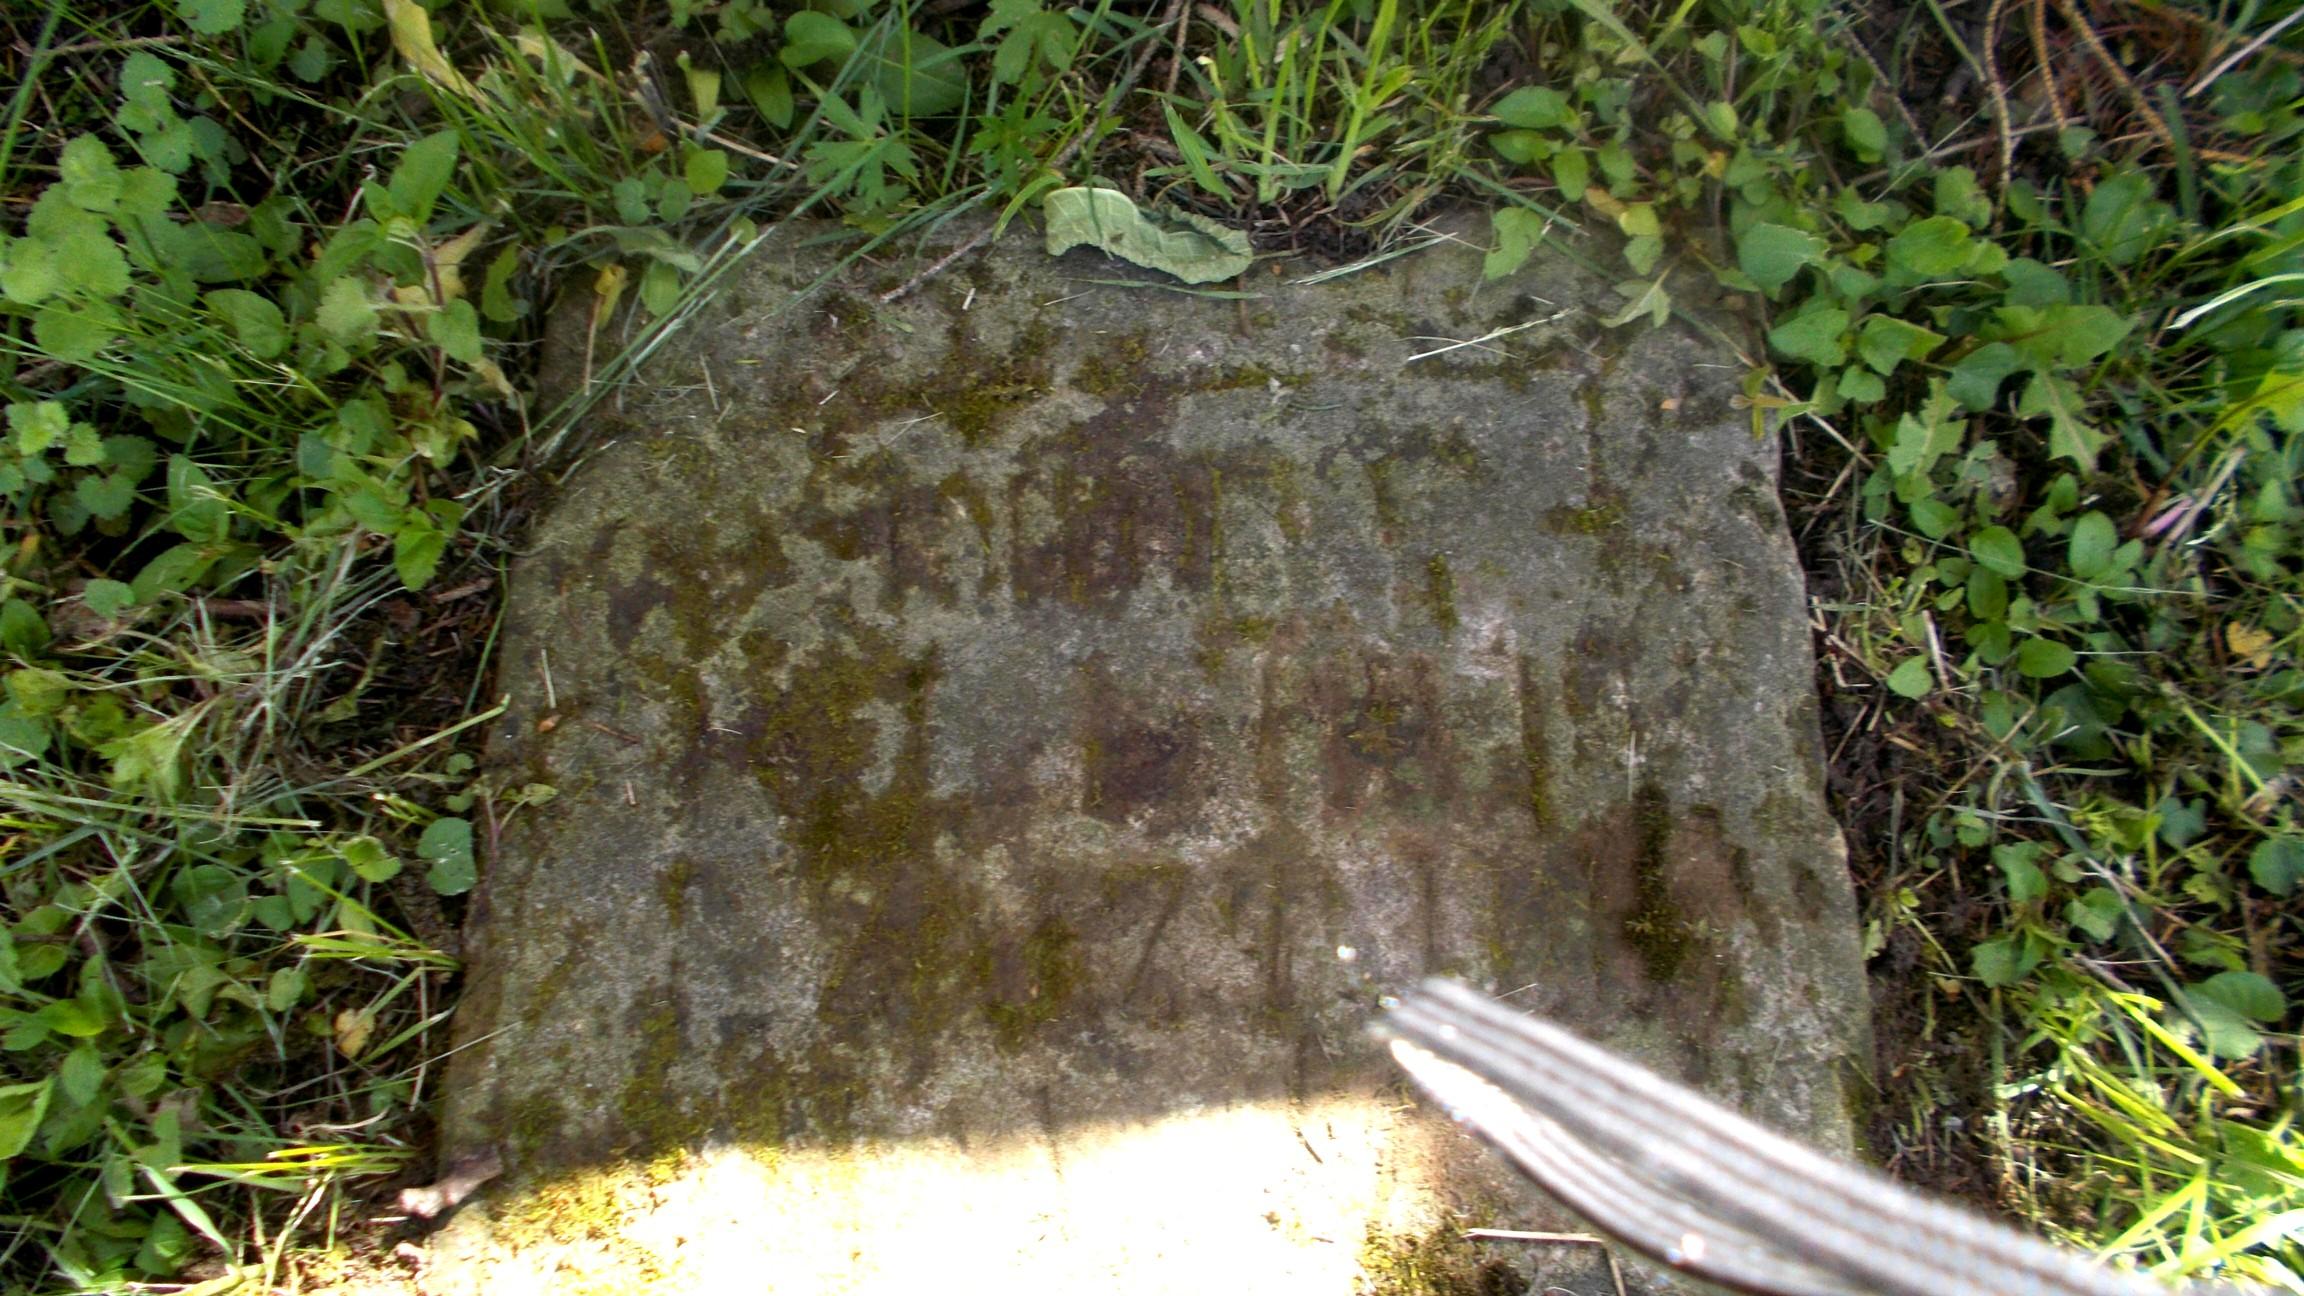 Mormântul care mi-a zdrelit arătătorul